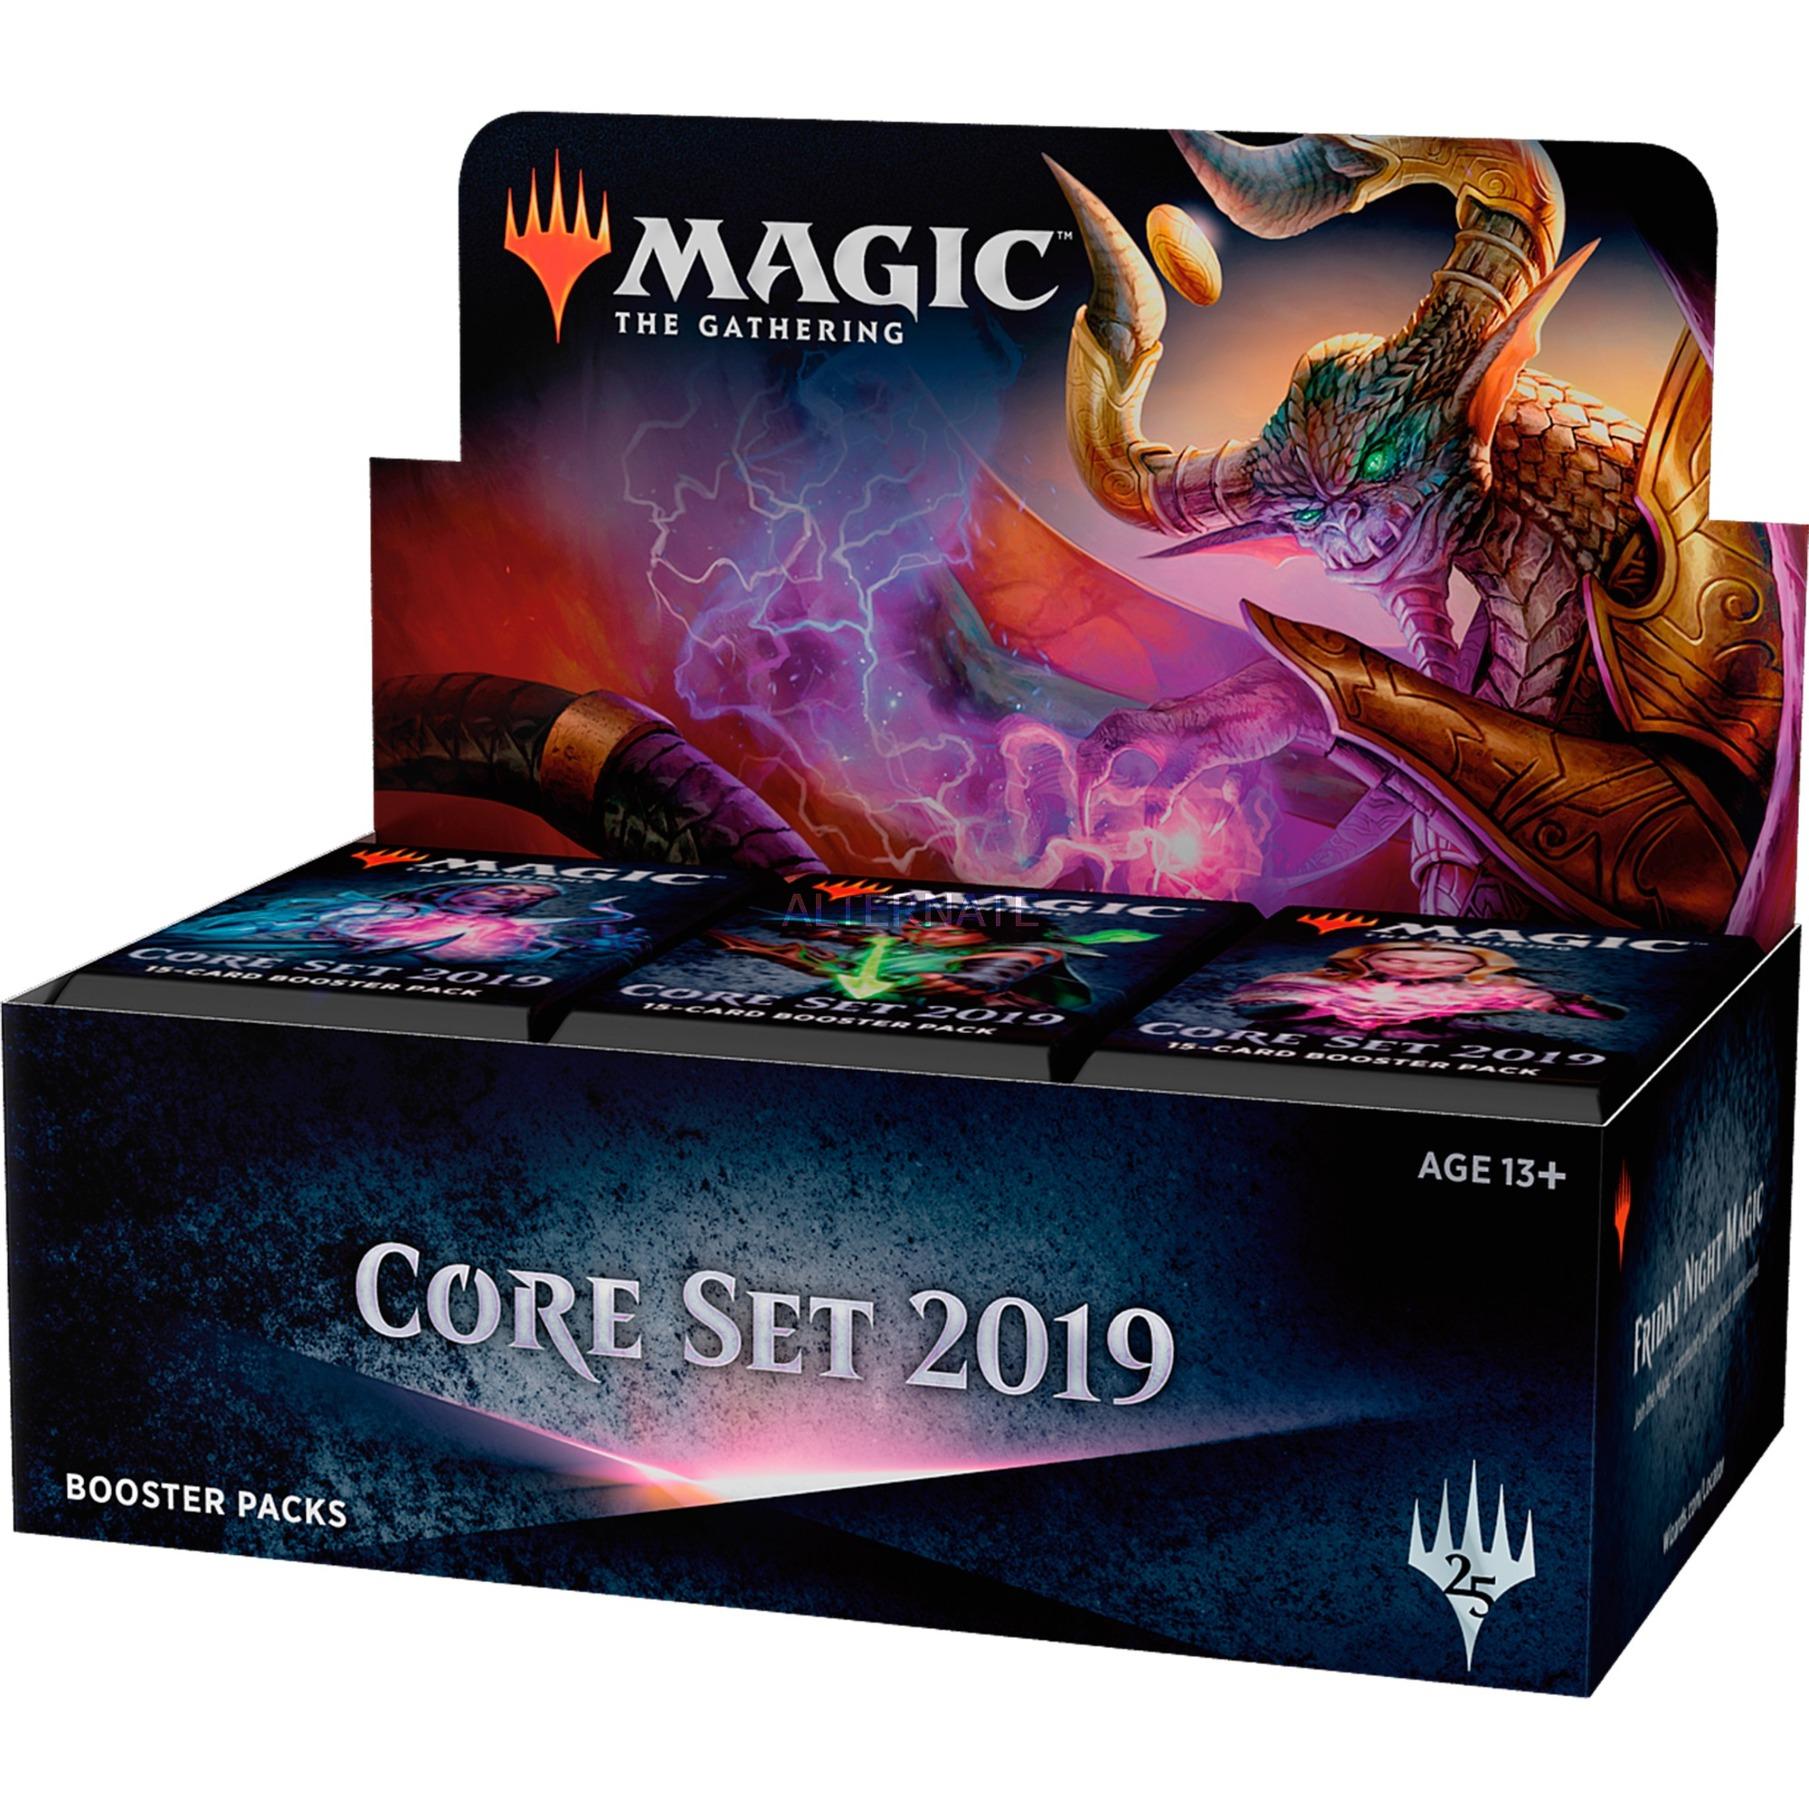 WOTCC43890001, Juegos de cartas